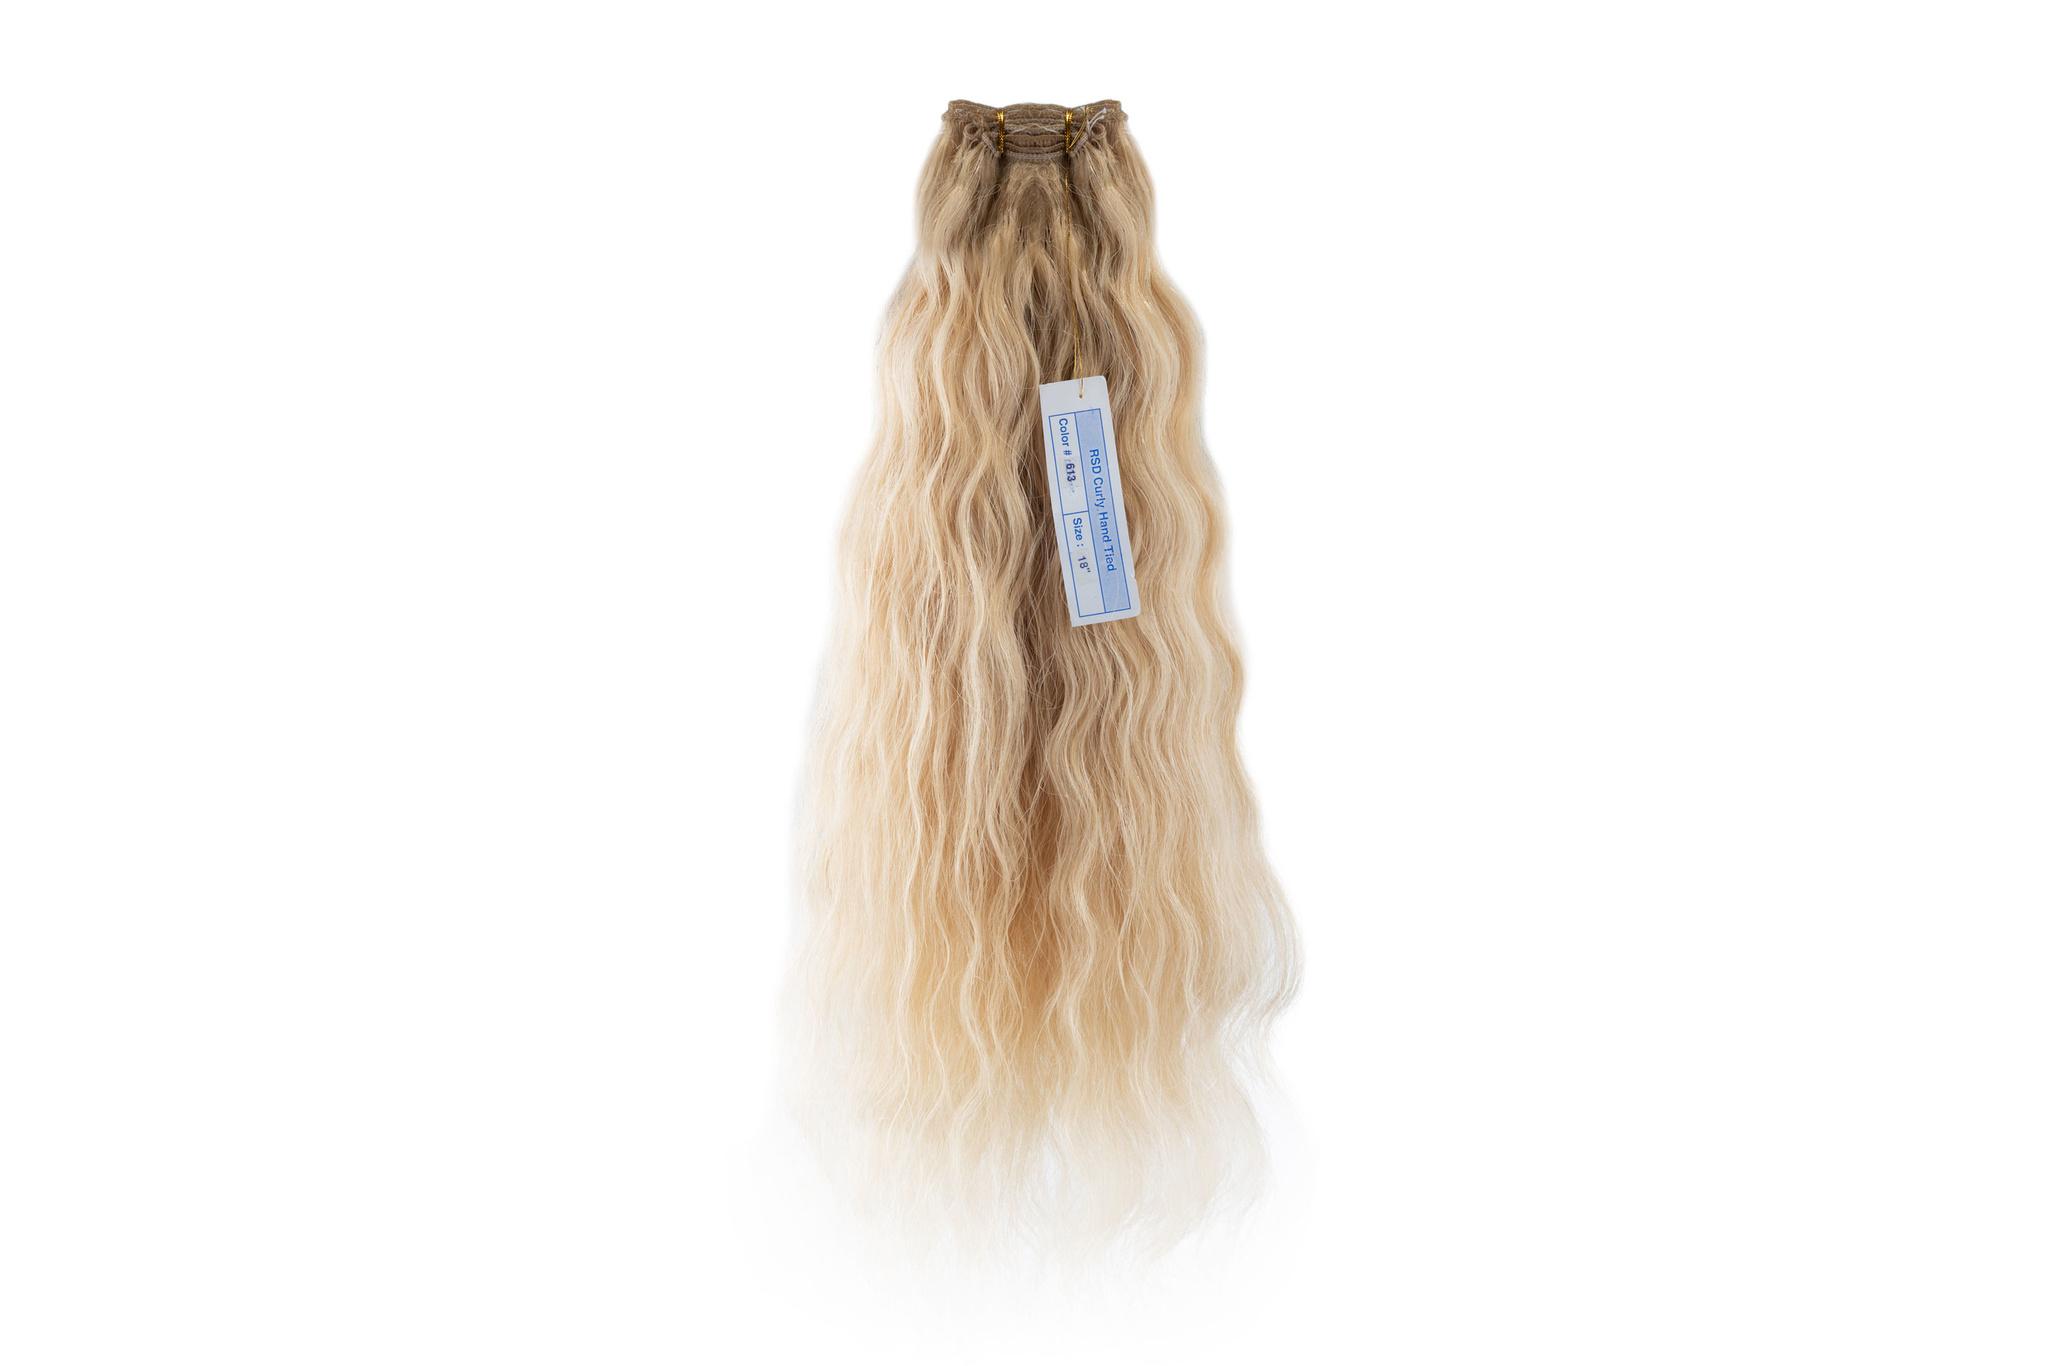 SilverFox Brazilian Weave Blond